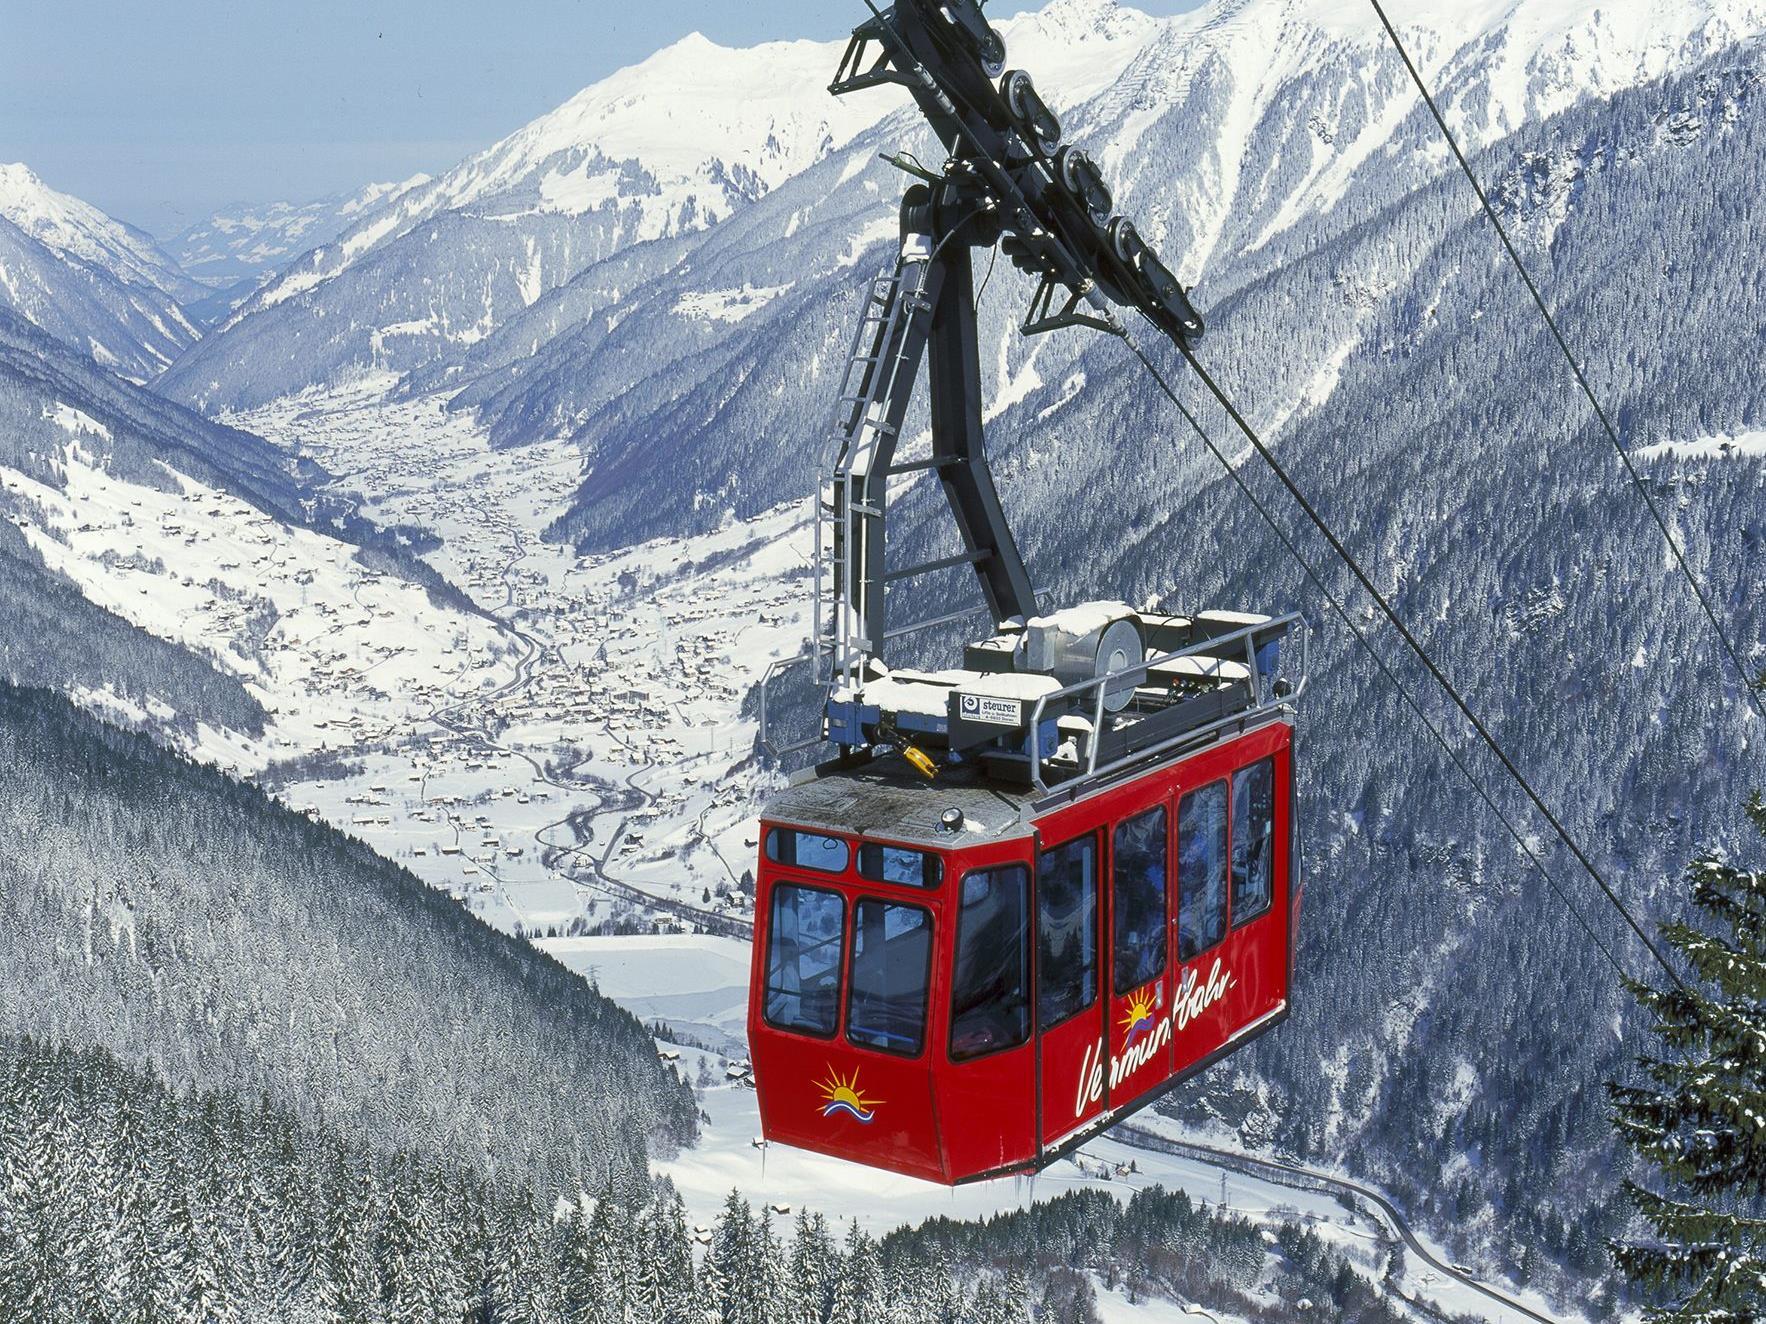 Vermuntbahn ab sofort früher in Betrieb – früherer Start für Skitourengeher/innen möglich.